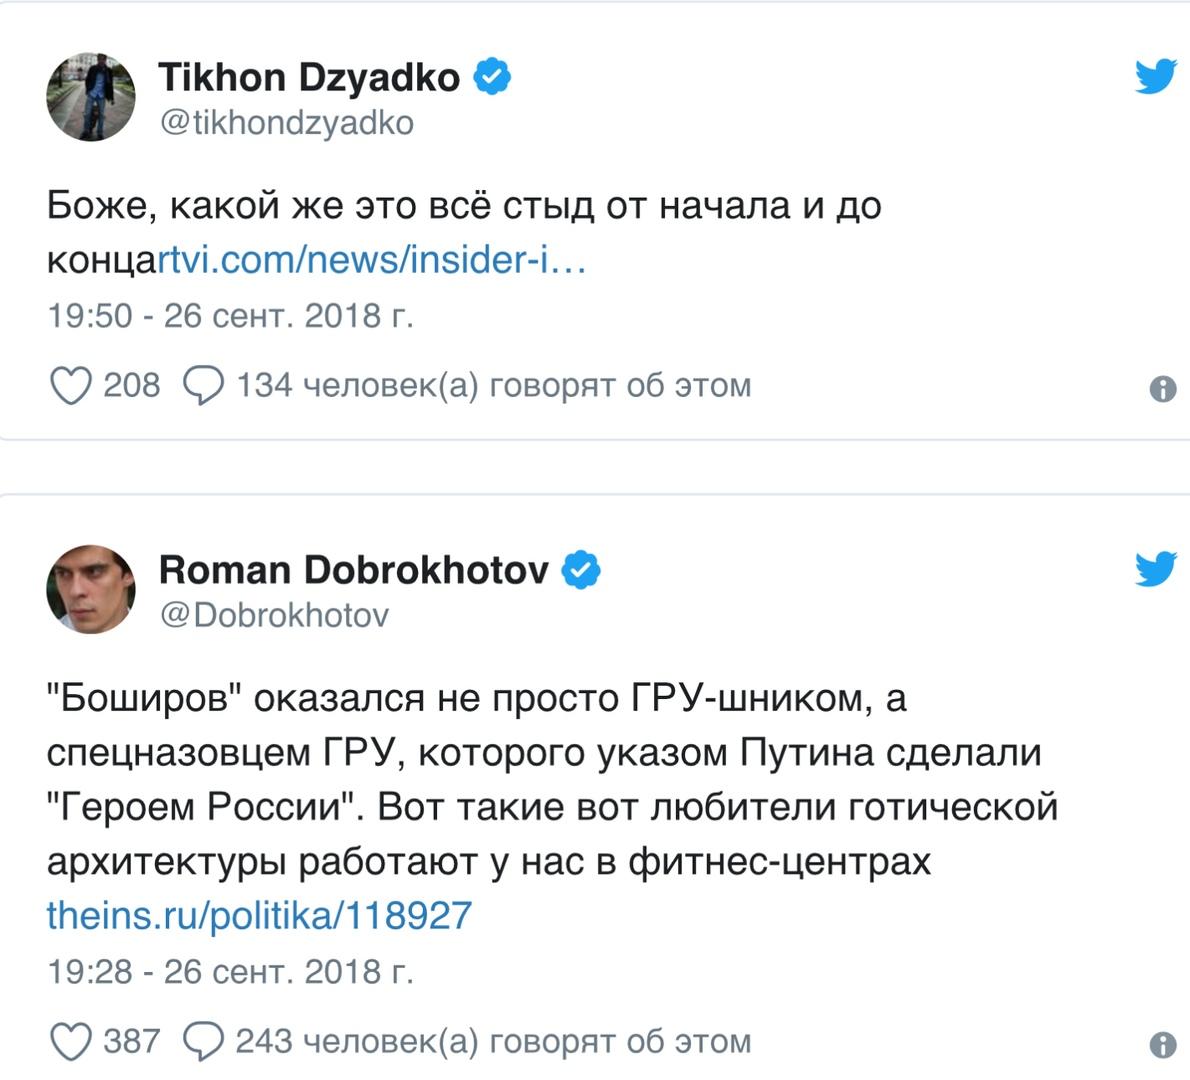 Юлия Витязева: О роли полезных идиотов в информационной войне против России